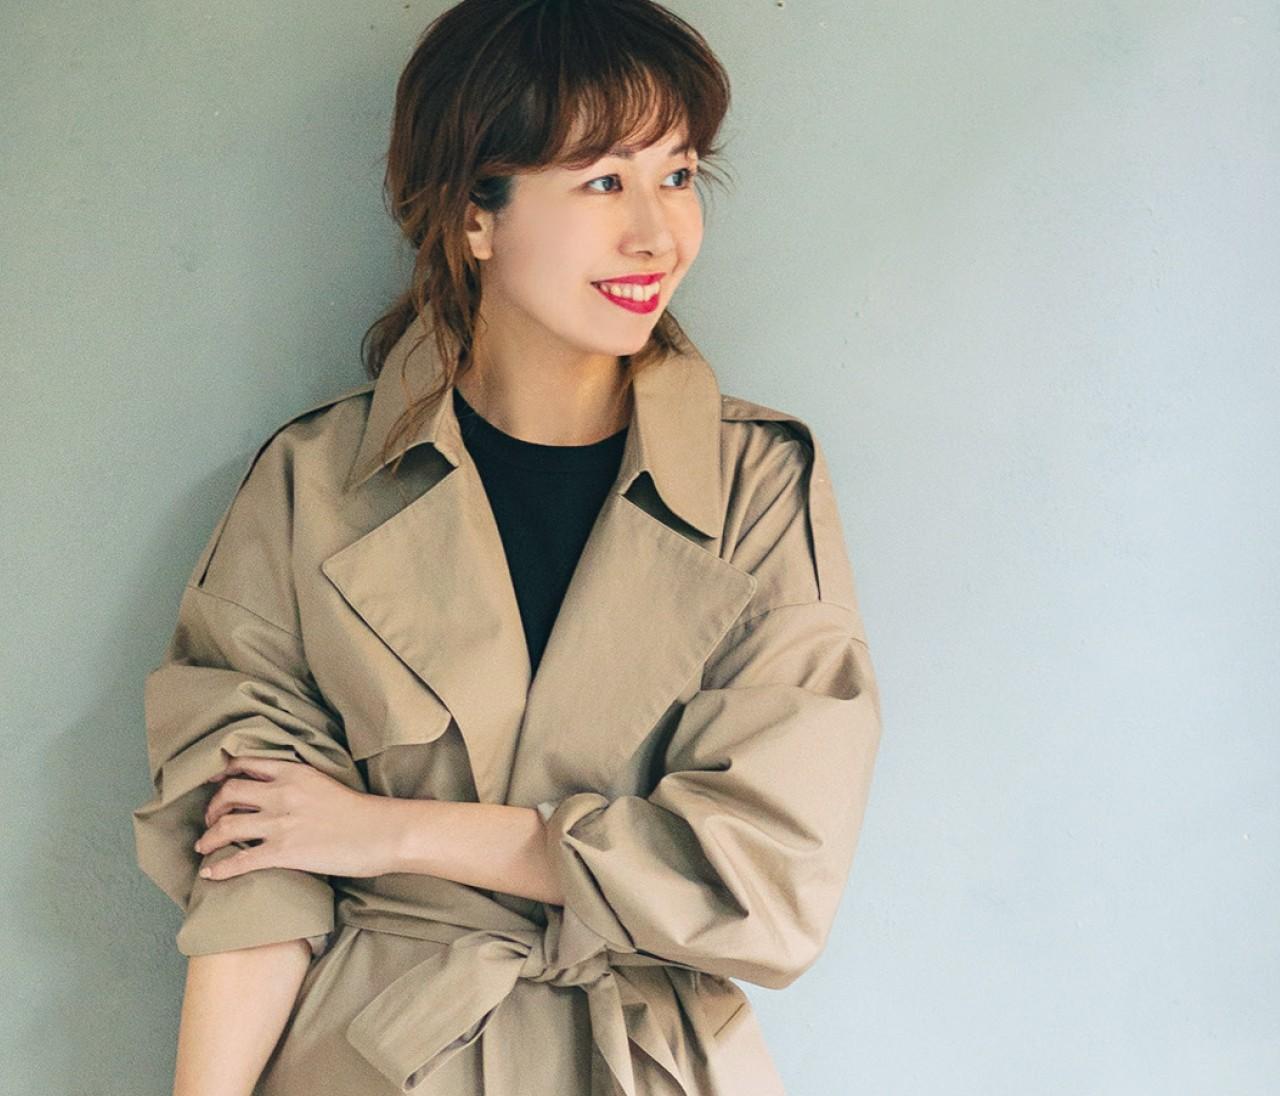 【おしゃれプロの愛用トレンチ】ライター榎本洋子さんは話題の新ブランドで女っぽく!